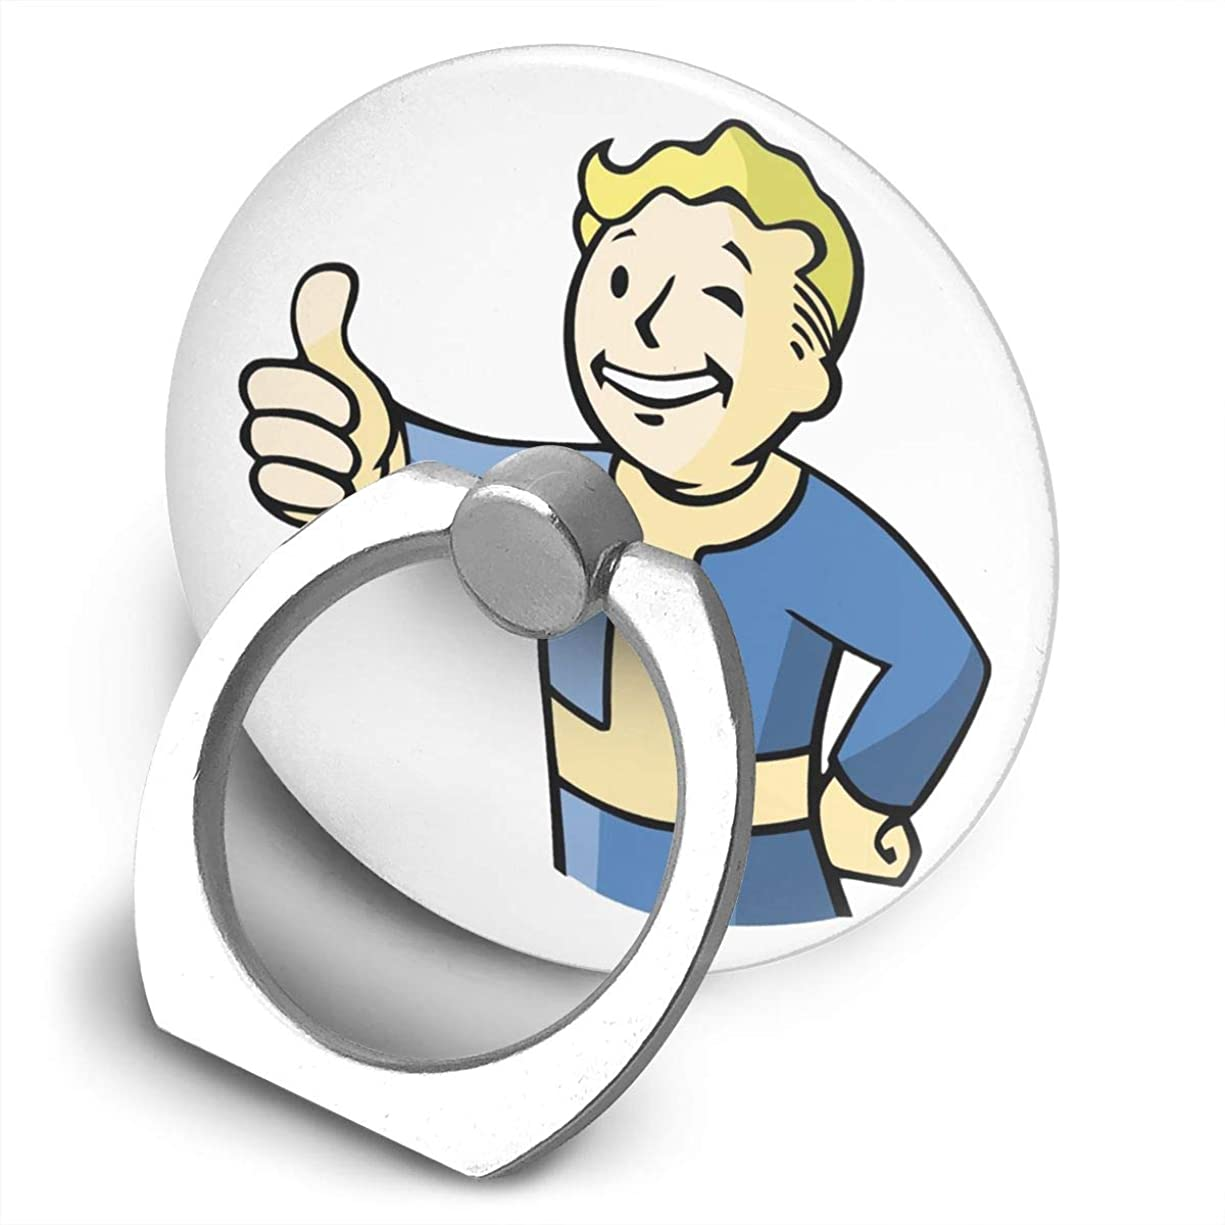 作成者ブルーベルゲストプライベートカスタム フォール アウト ボーイ スマホ リング ホールドリング 指輪リング 薄型 おしゃれ スタンド機能 落下防止 360度回転 タブレット/スマホ IPhone/Android各種他対応